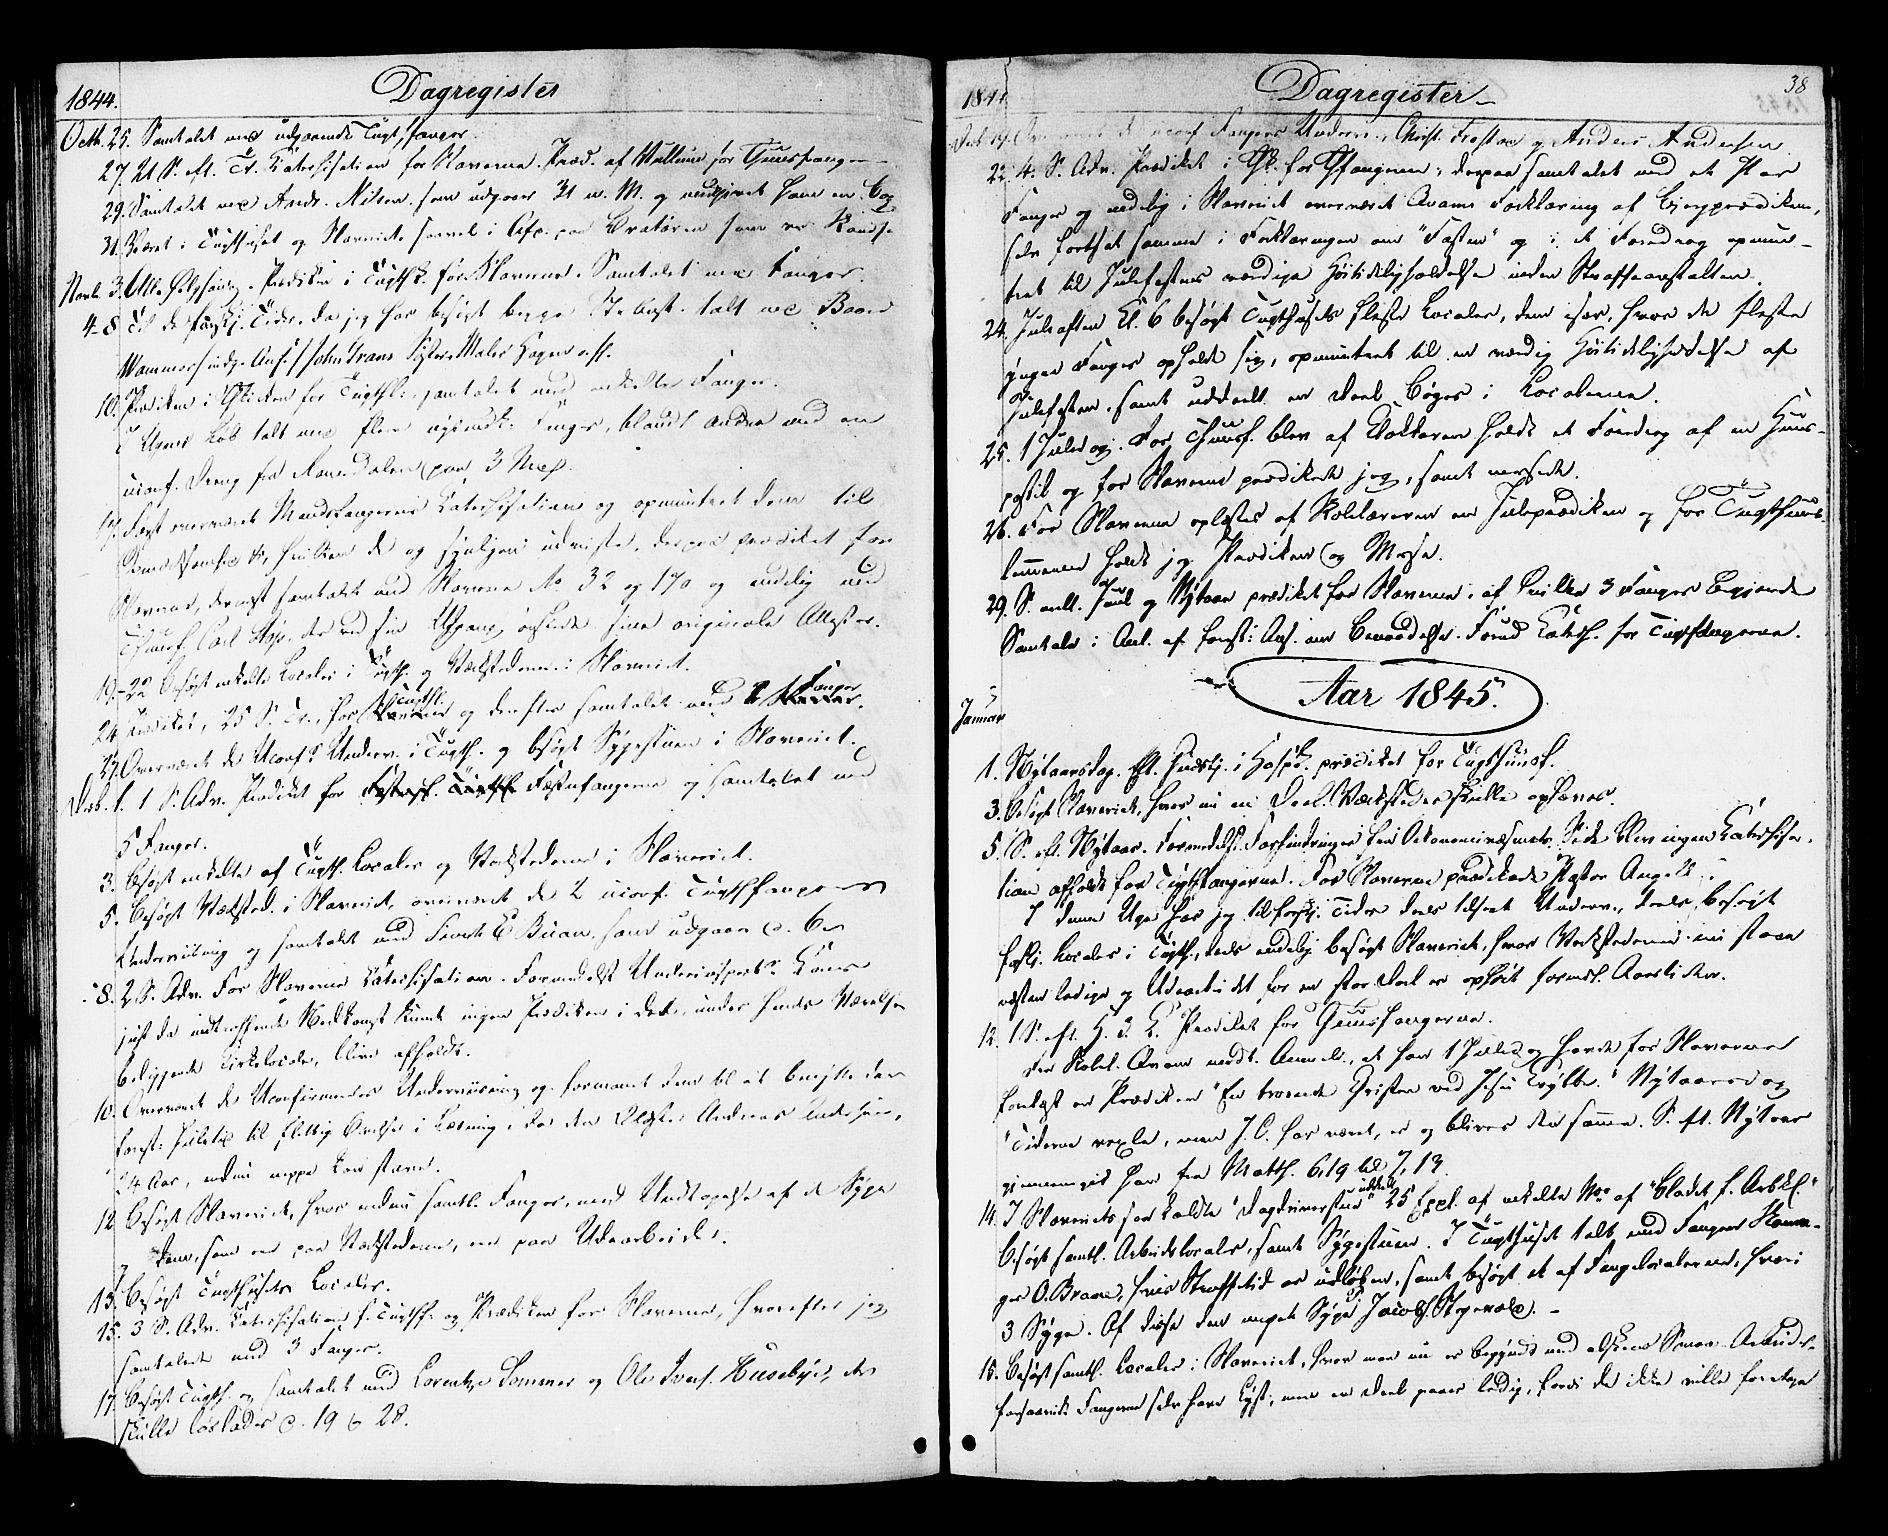 SAT, Ministerialprotokoller, klokkerbøker og fødselsregistre - Sør-Trøndelag, 624/L0480: Ministerialbok nr. 624A01, 1841-1864, s. 38